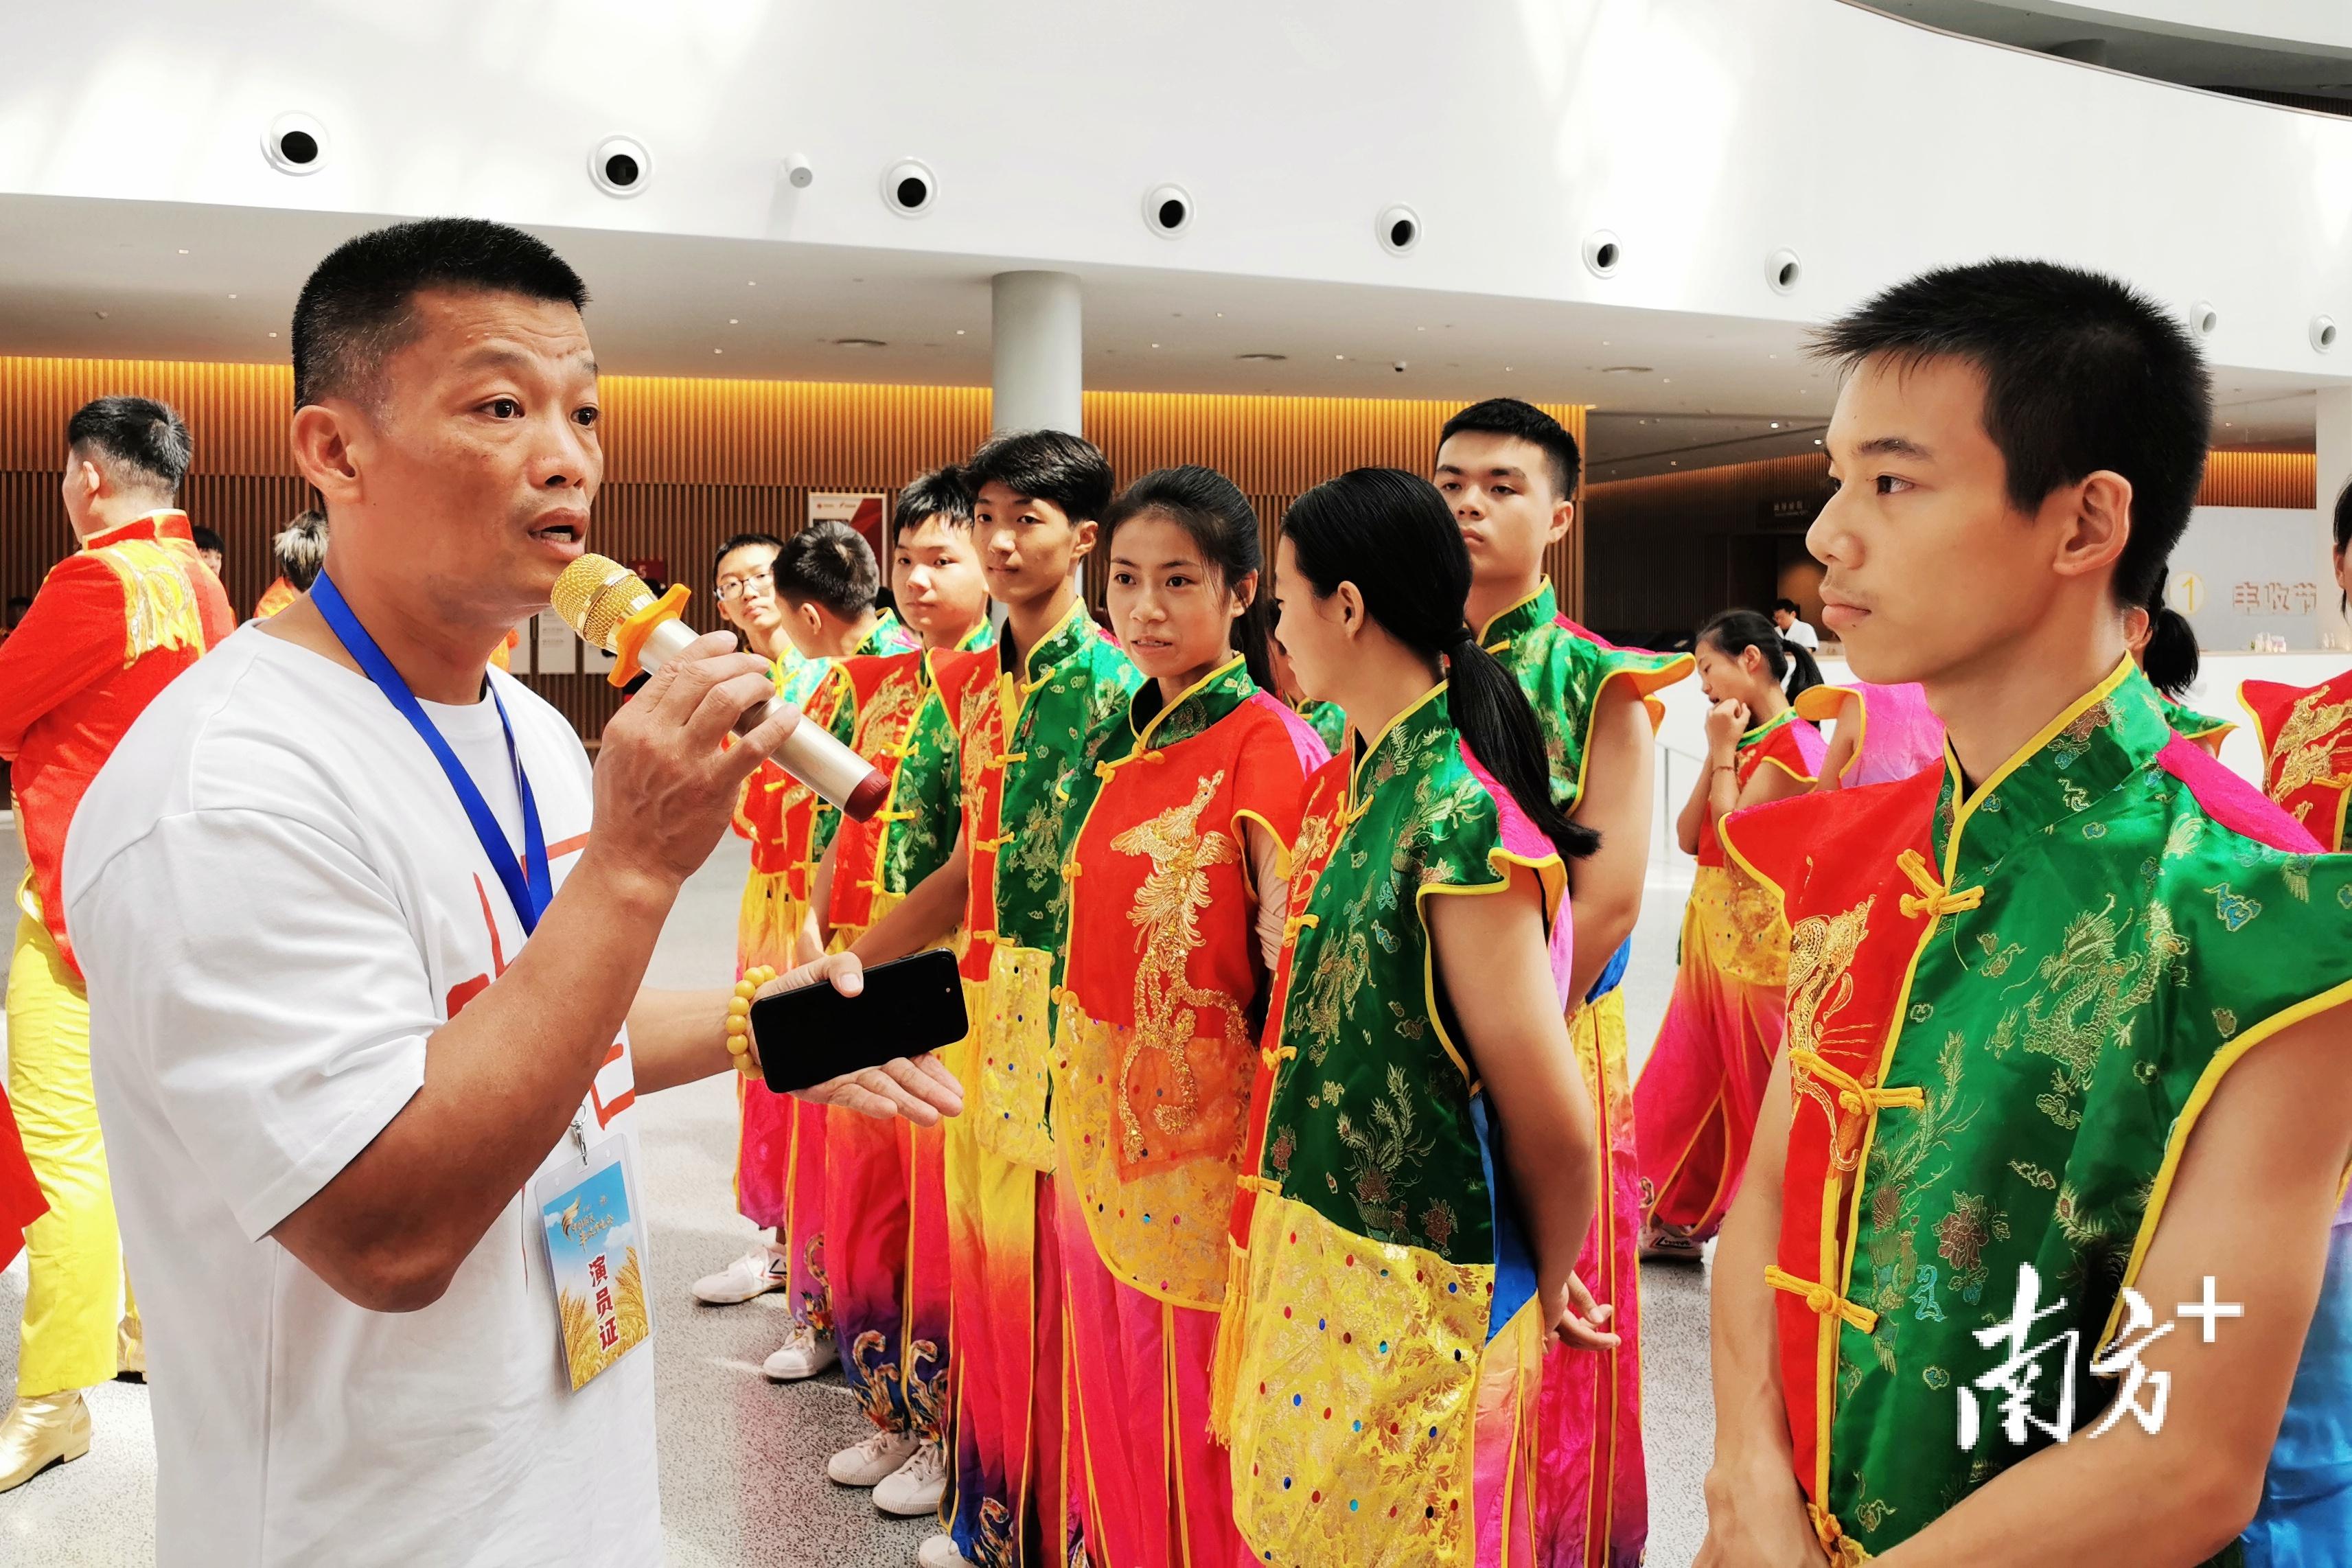 邱顕达指导学员排练潮汕鲤鱼舞。受访者供图